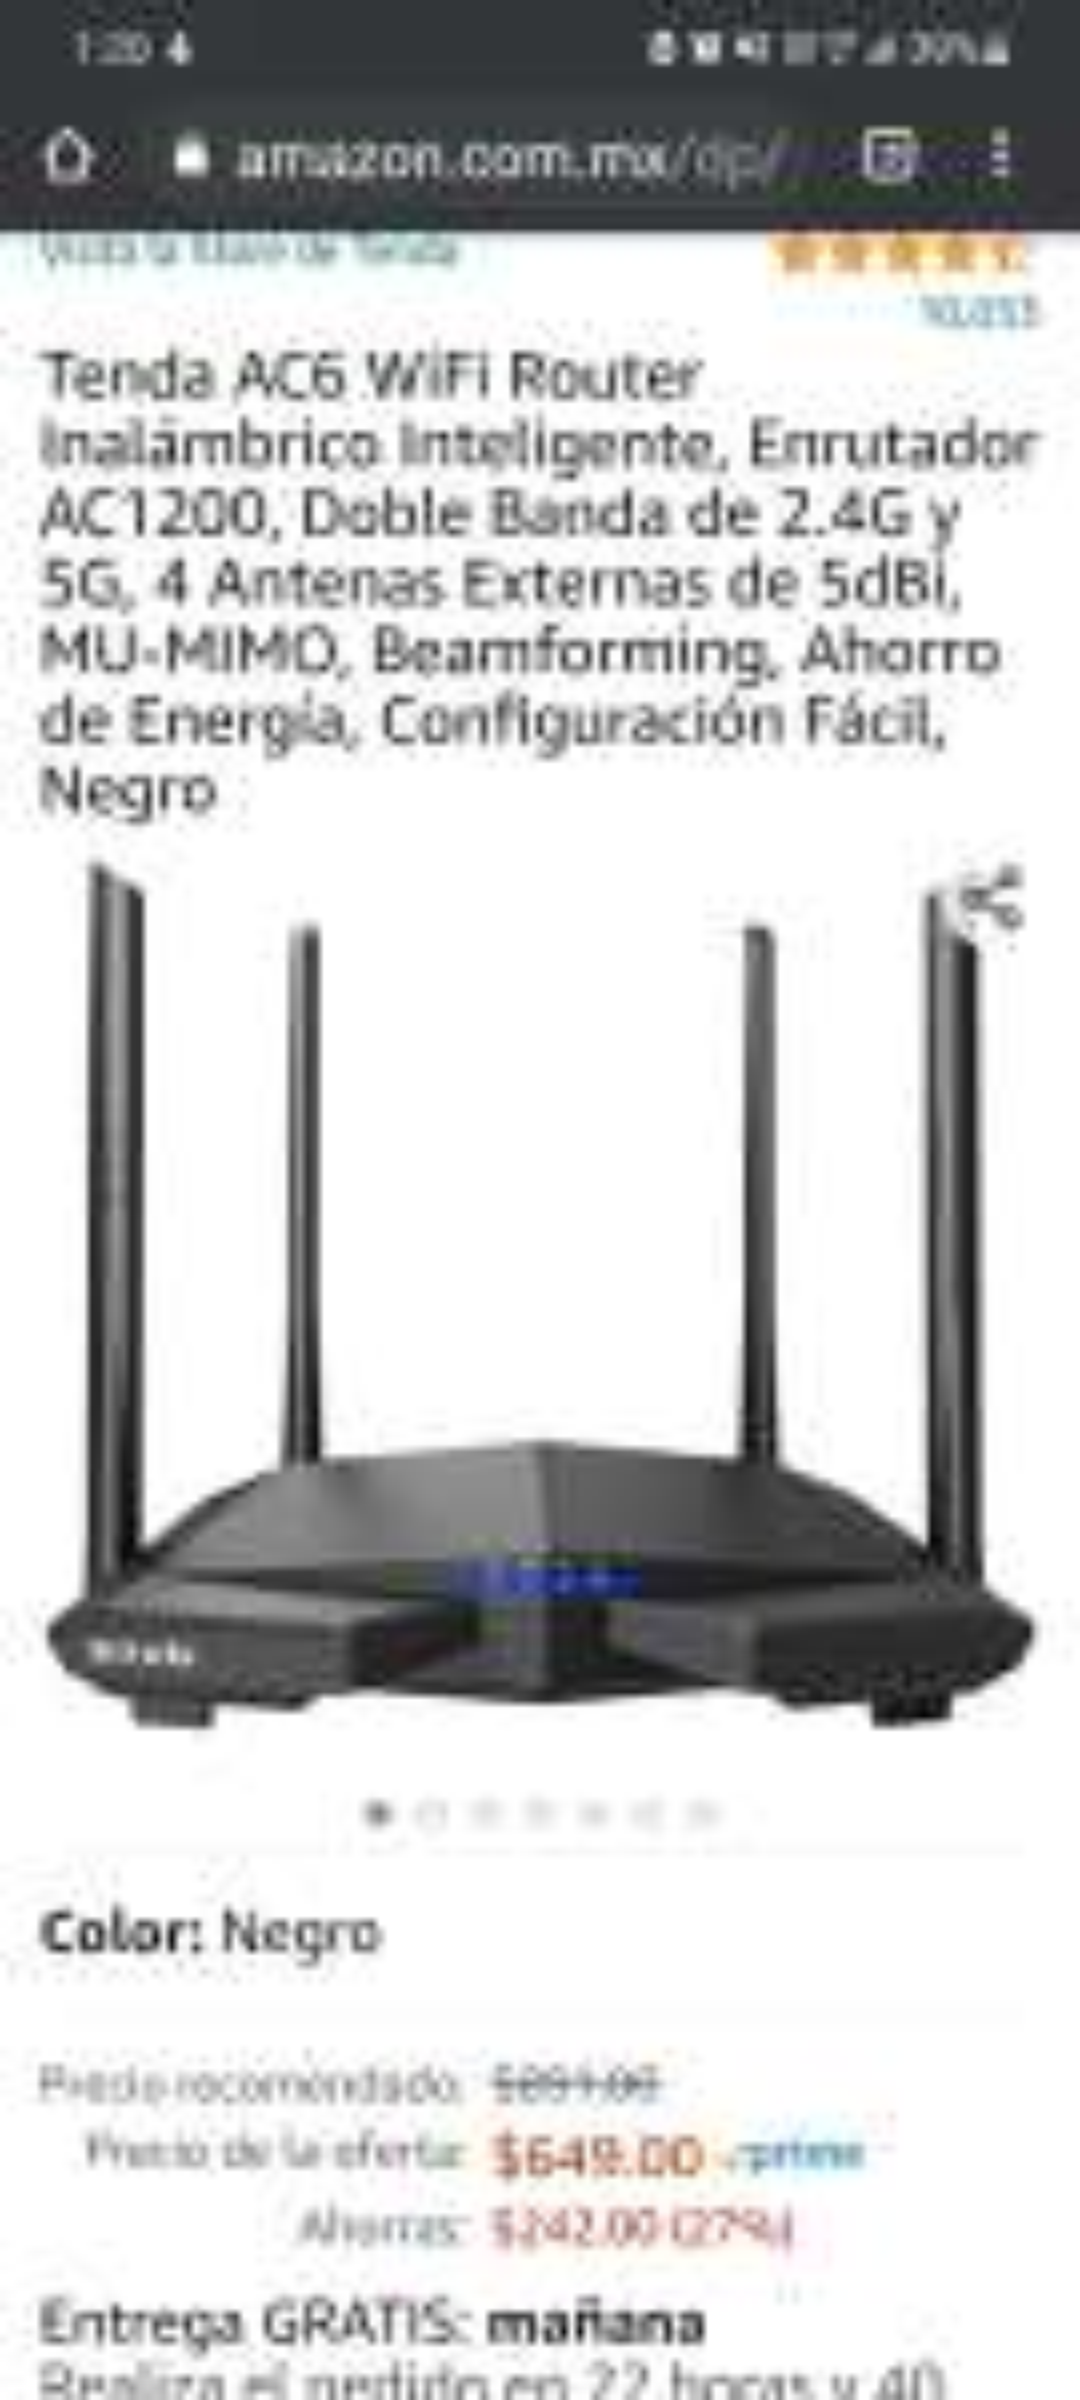 Amazon: Tenda AC6 WiFi Router Inalámbrico Inteligente, Enrutador AC1200, Doble Banda de 2.4G y 5G, 4 Antenas Externas de 5dBi, MU-MIMO